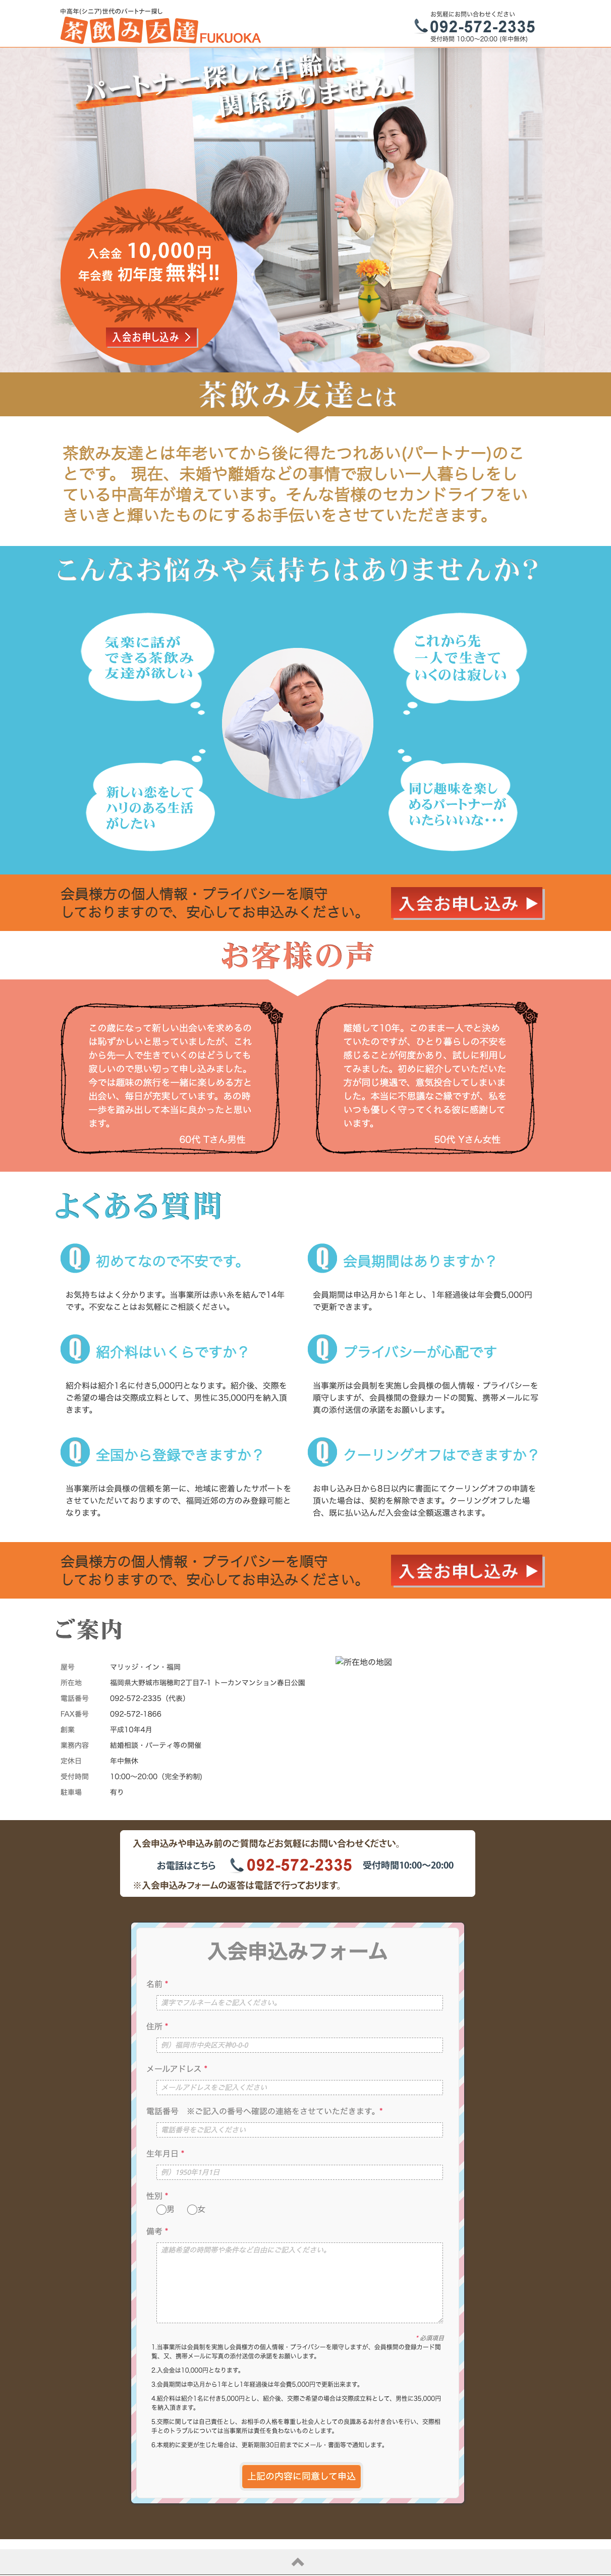 茶飲み友達福岡|シニア世代のパートナー探し